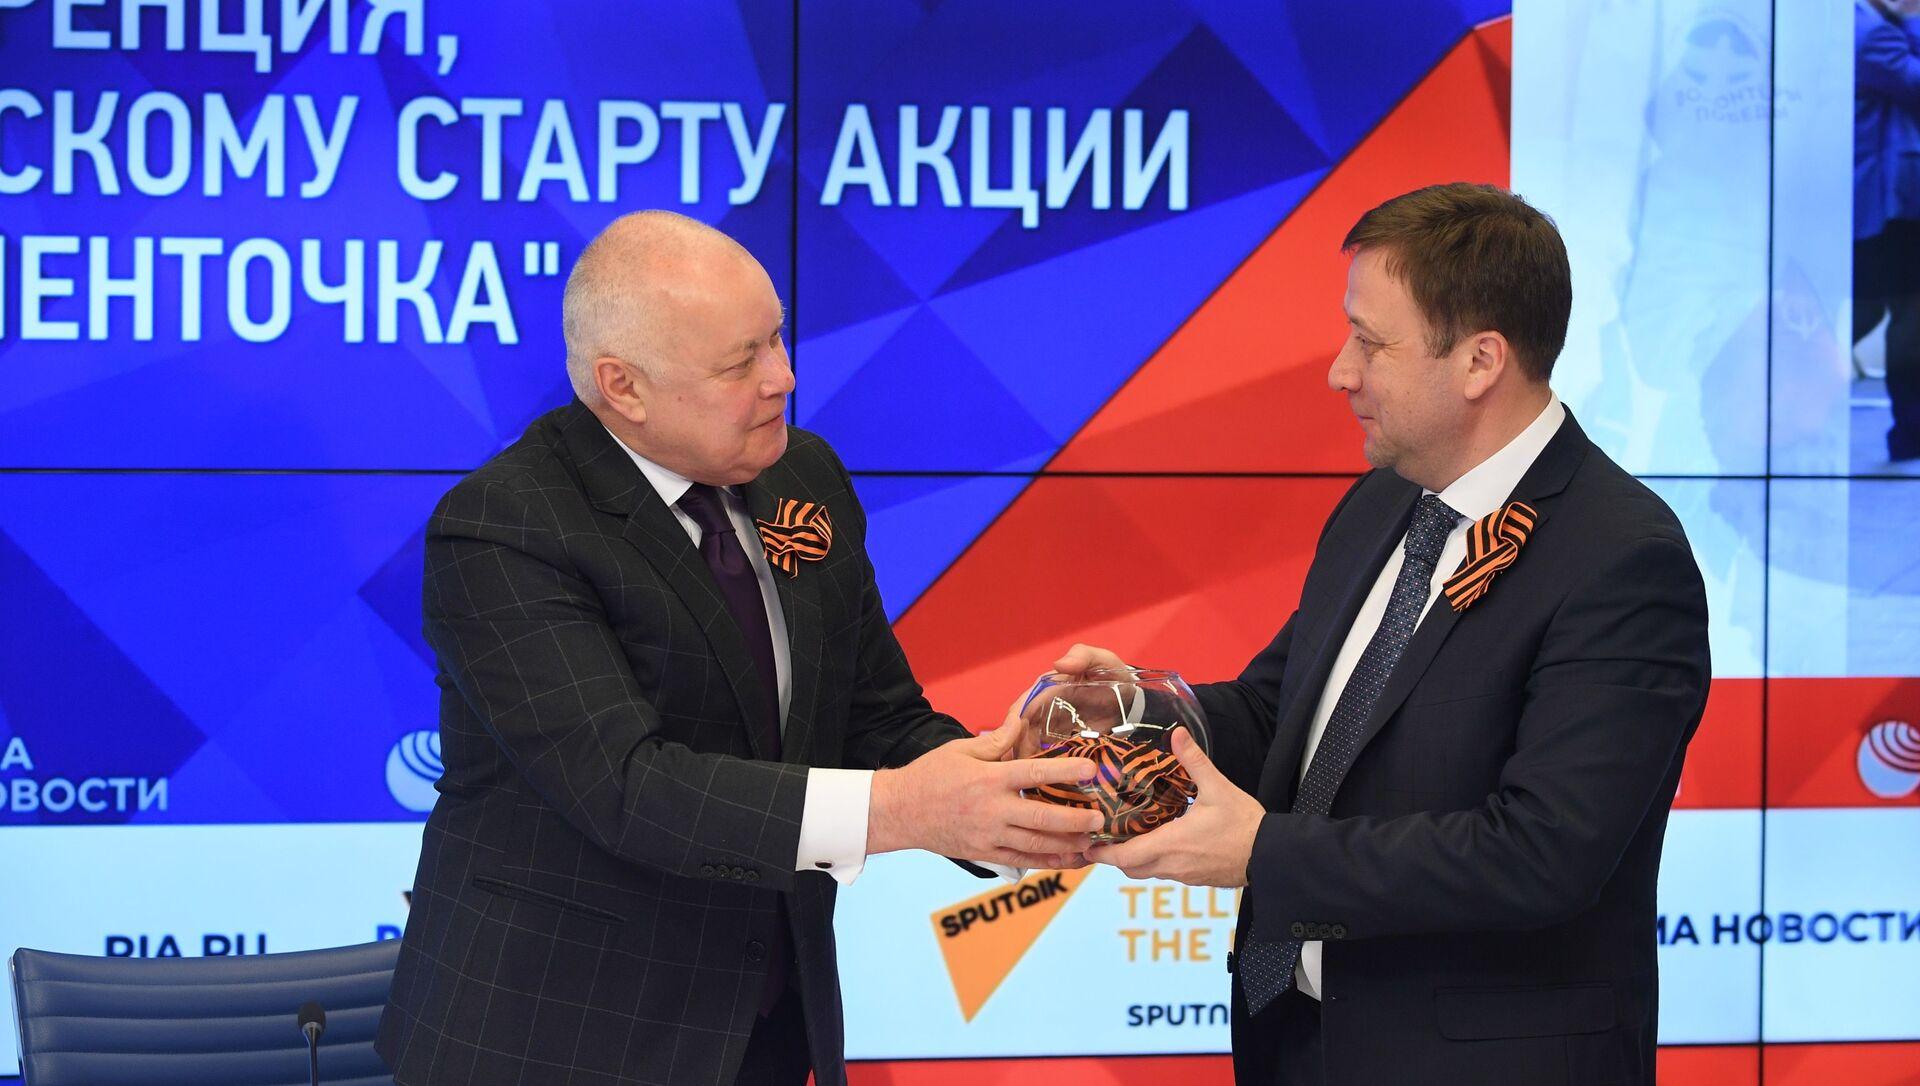 У Россия сегодня далі старт акцыі Георгіеўская стужачка - 2021 - Sputnik Беларусь, 1920, 27.04.2021